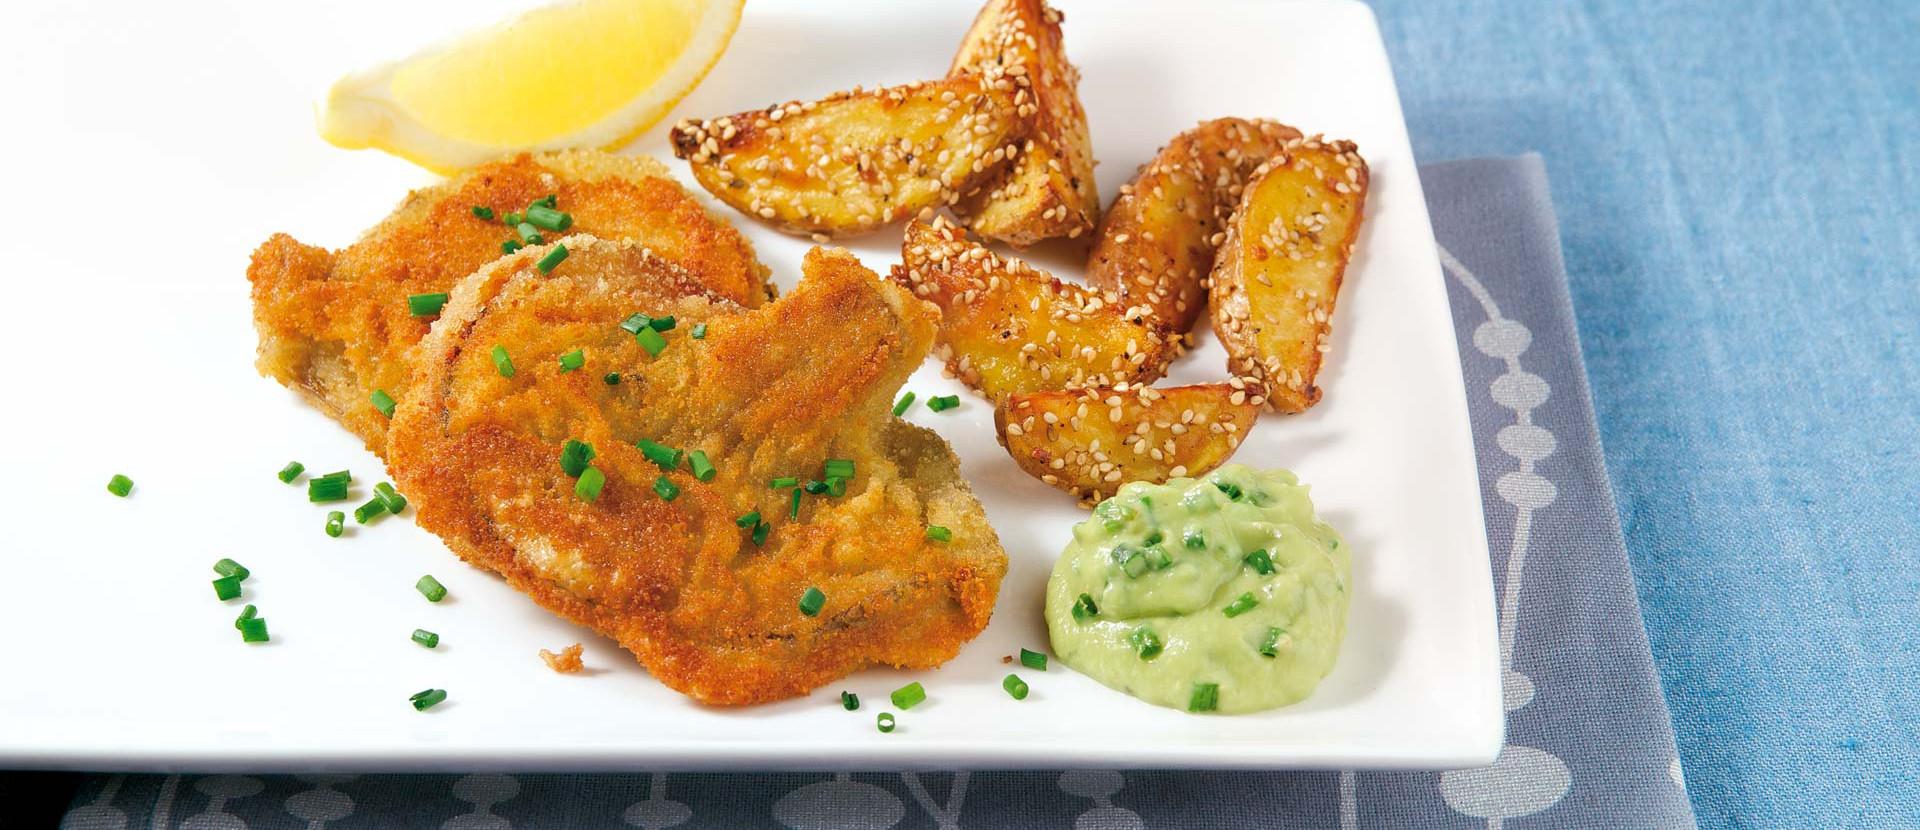 Austernpilz-Schnitzel mit Sesam-Kartoffeln und Dip